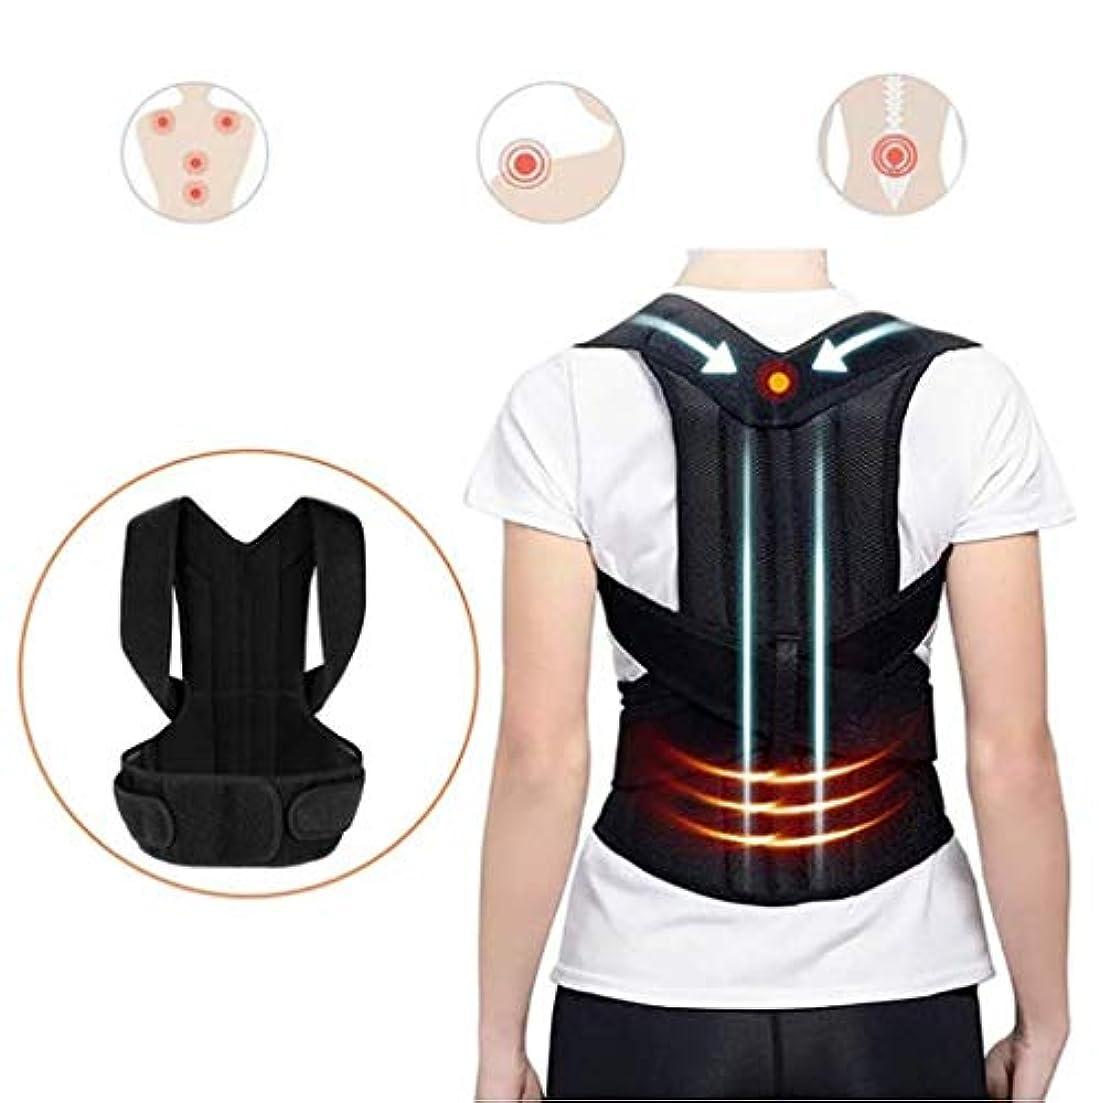 時間厳守除去アクティビティ矯正ベルト、背部姿勢矯正装置、ハンチバックの防止、背中サポートツールの改善、オフィス学習演習用の肩矯正 (Size : M)